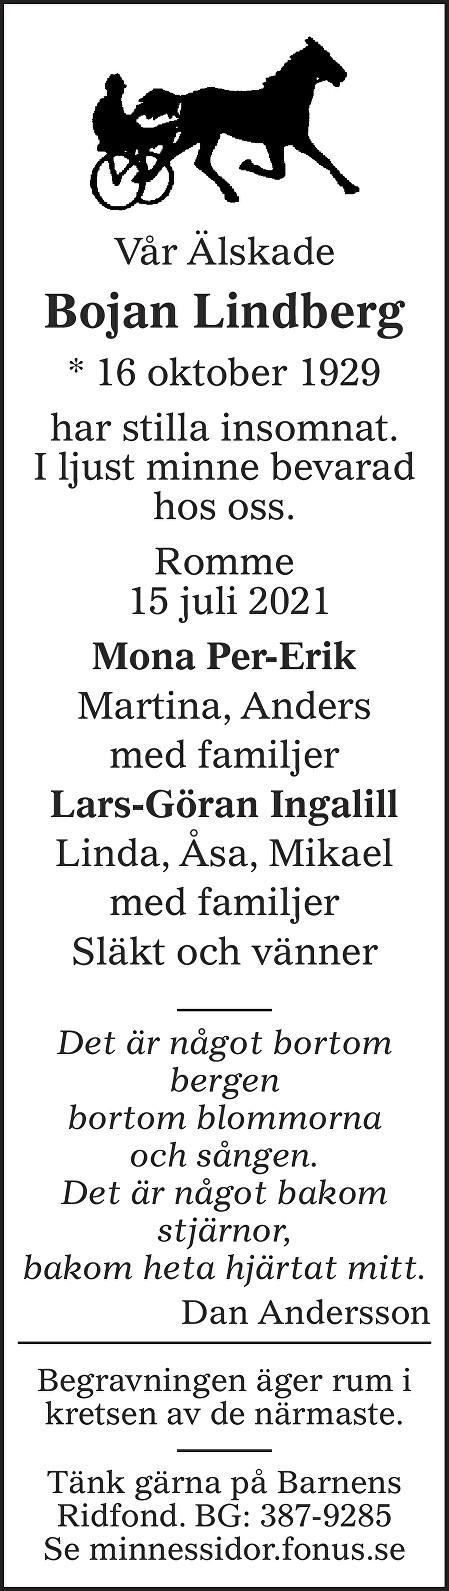 Bojan Lindberg Death notice